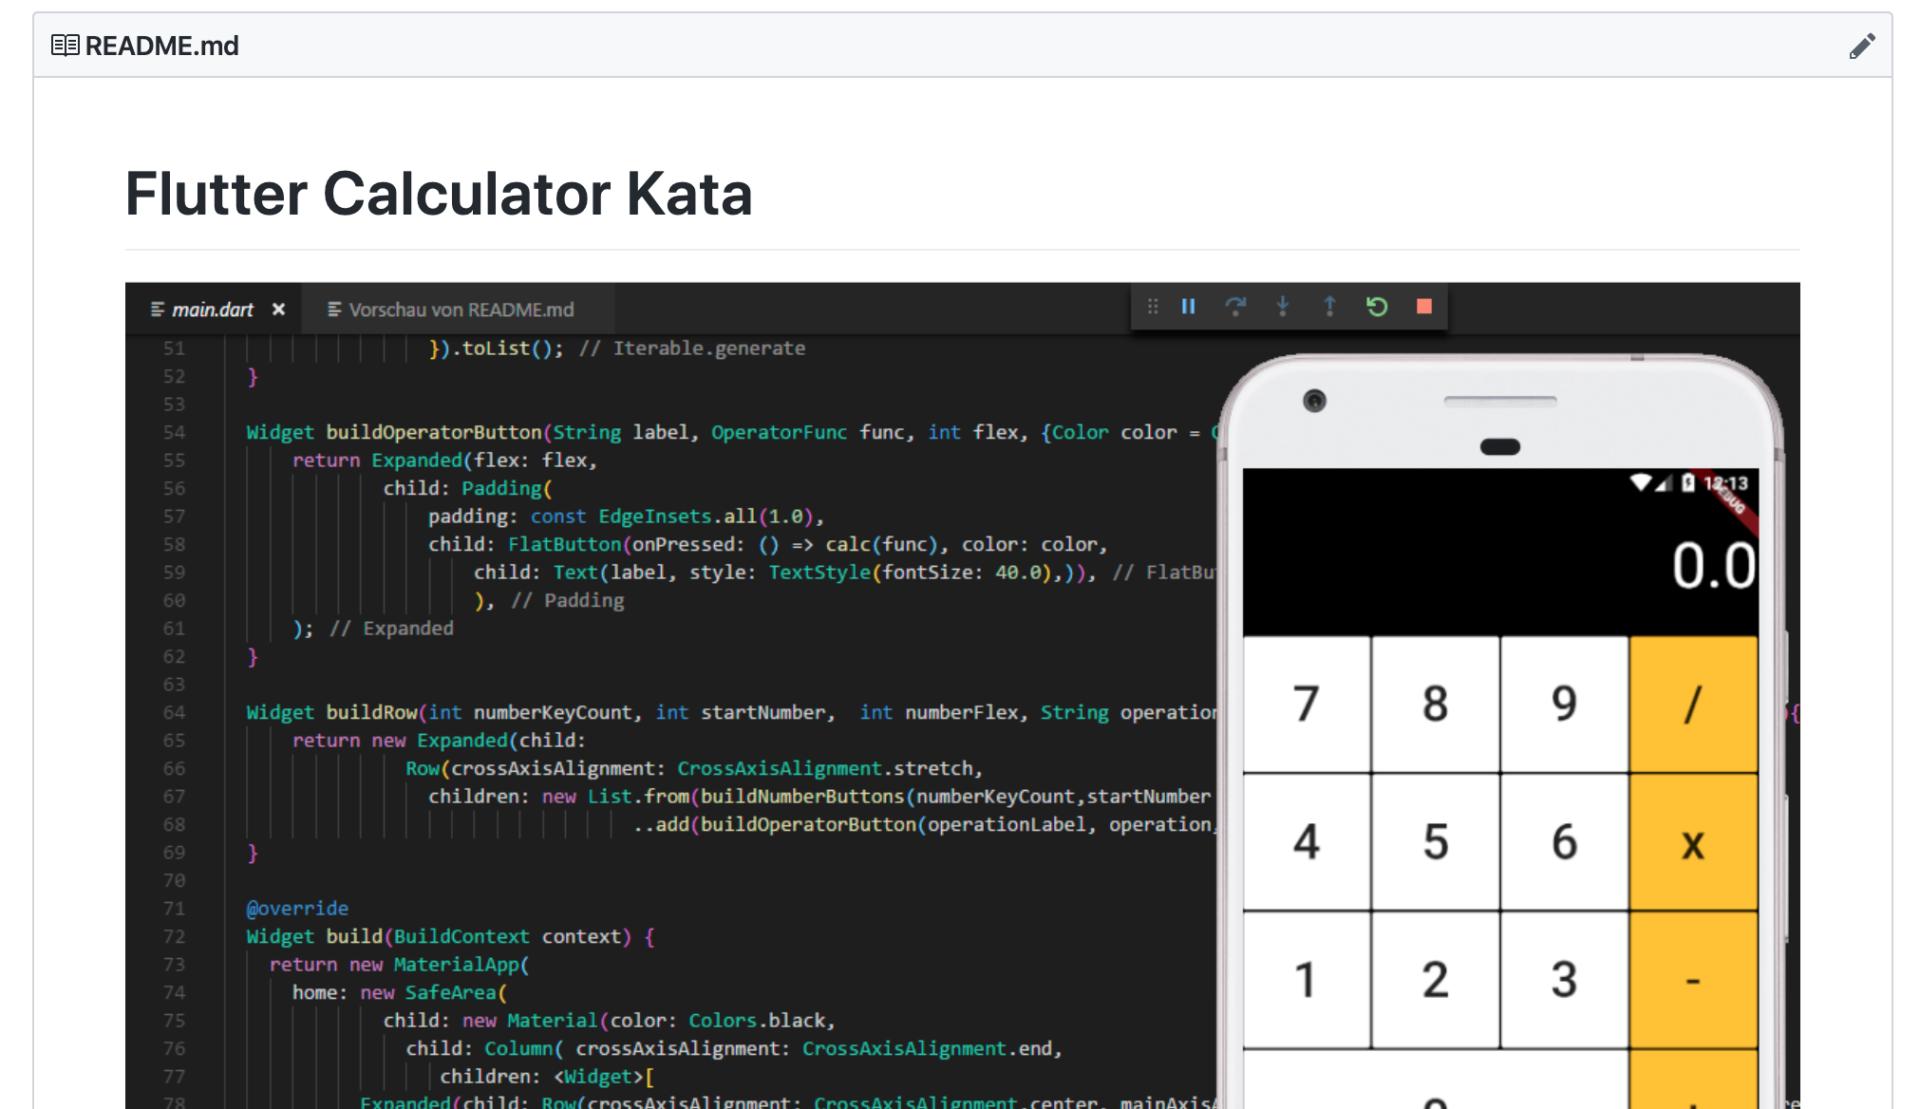 kata-flutter-calculator